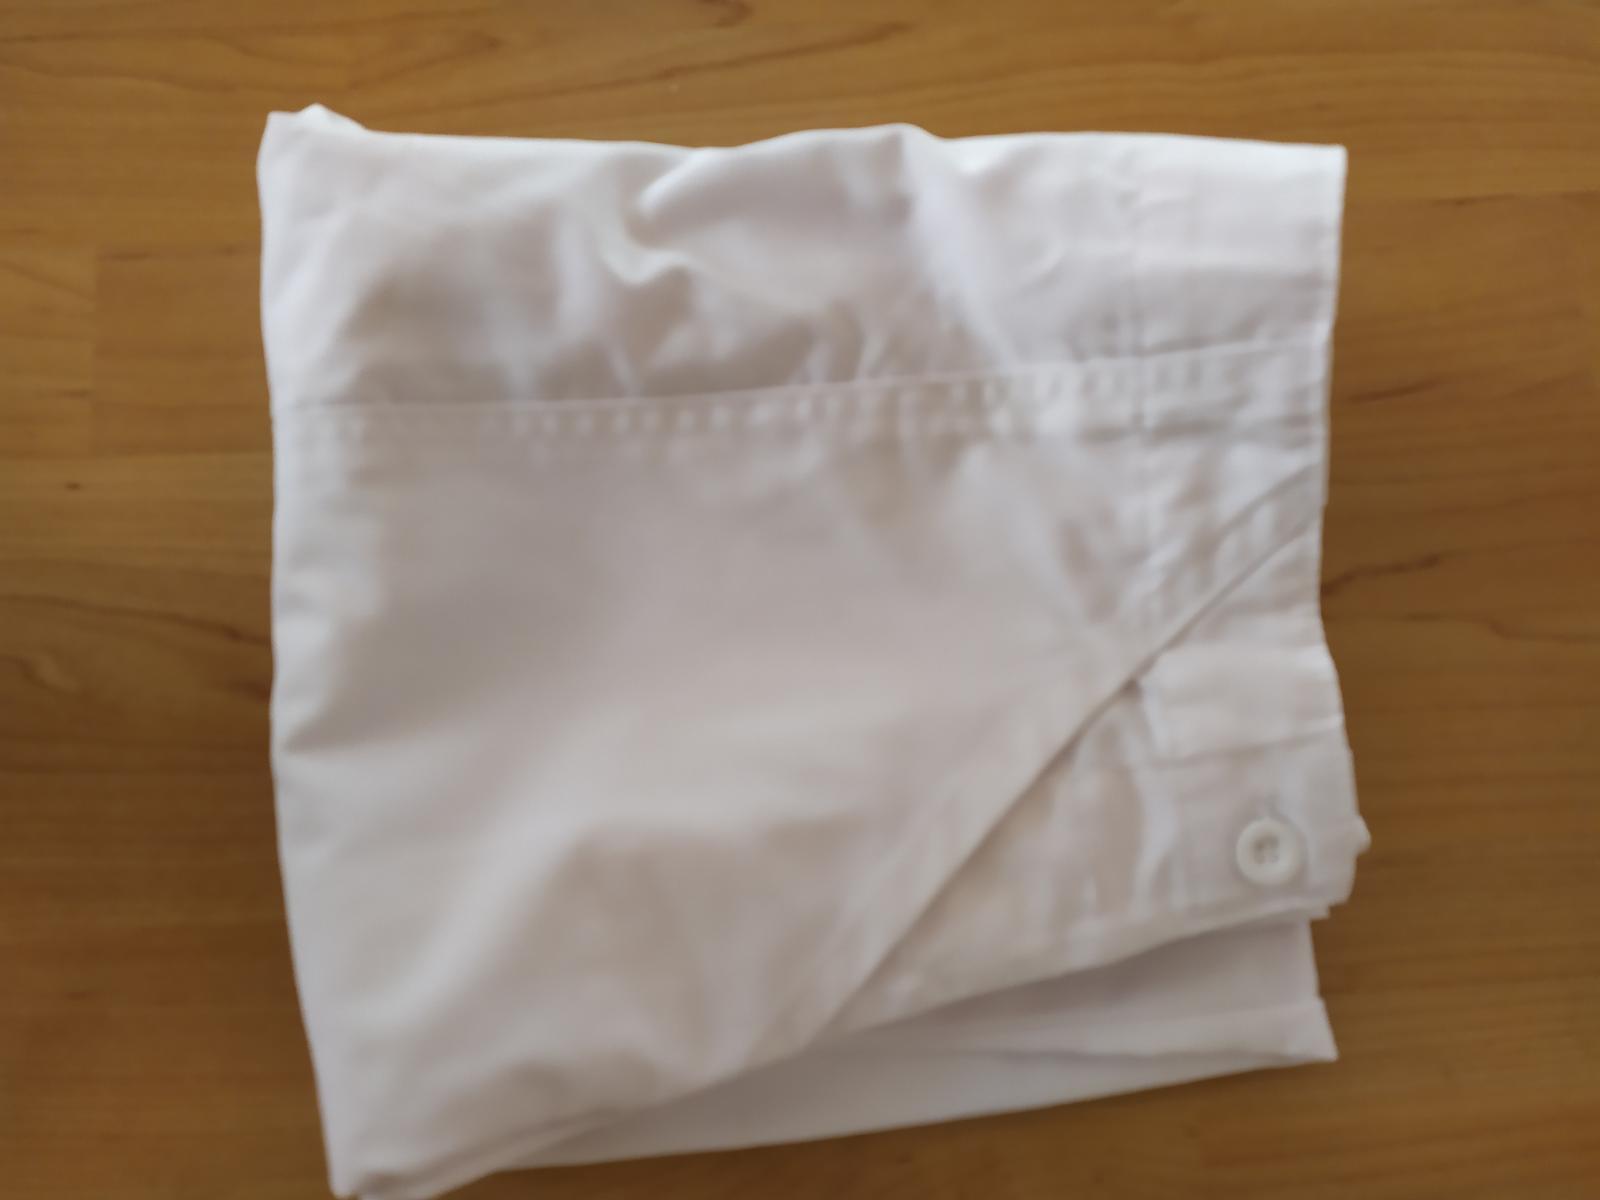 Pracovné oblečenie,nohavice a tričká - Obrázok č. 1